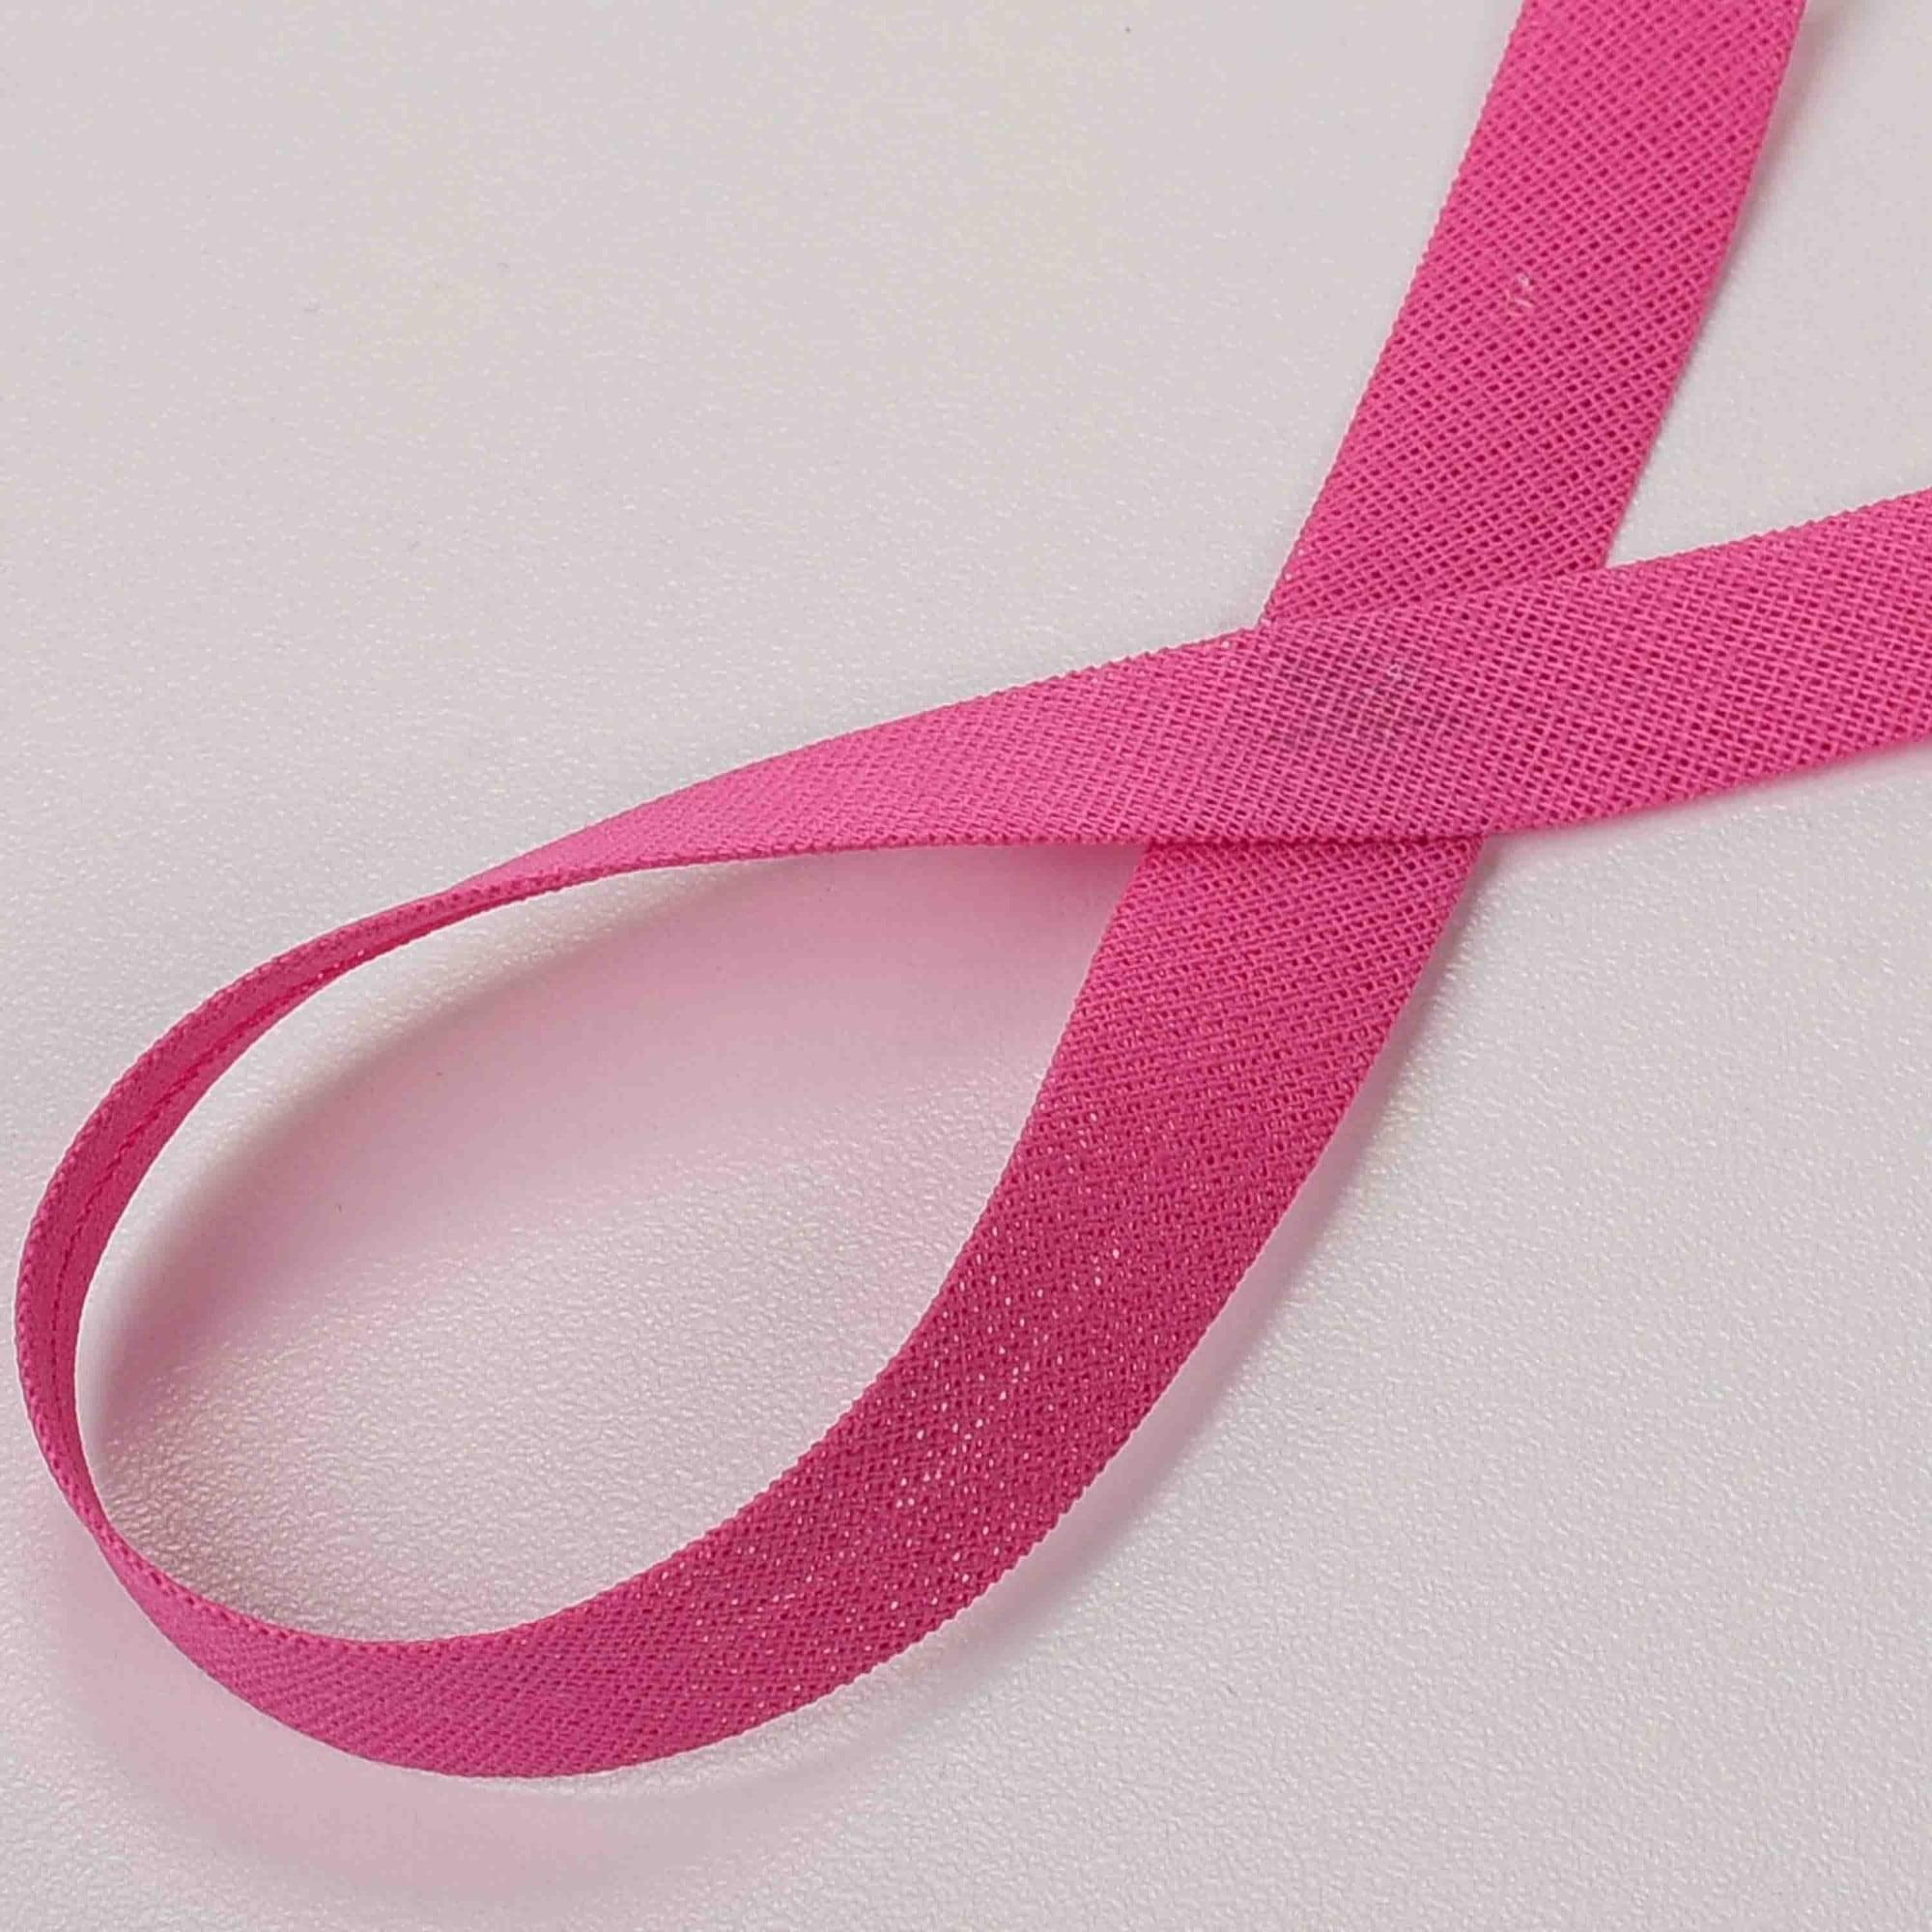 Viés de Algodão Pink 010 35 mm